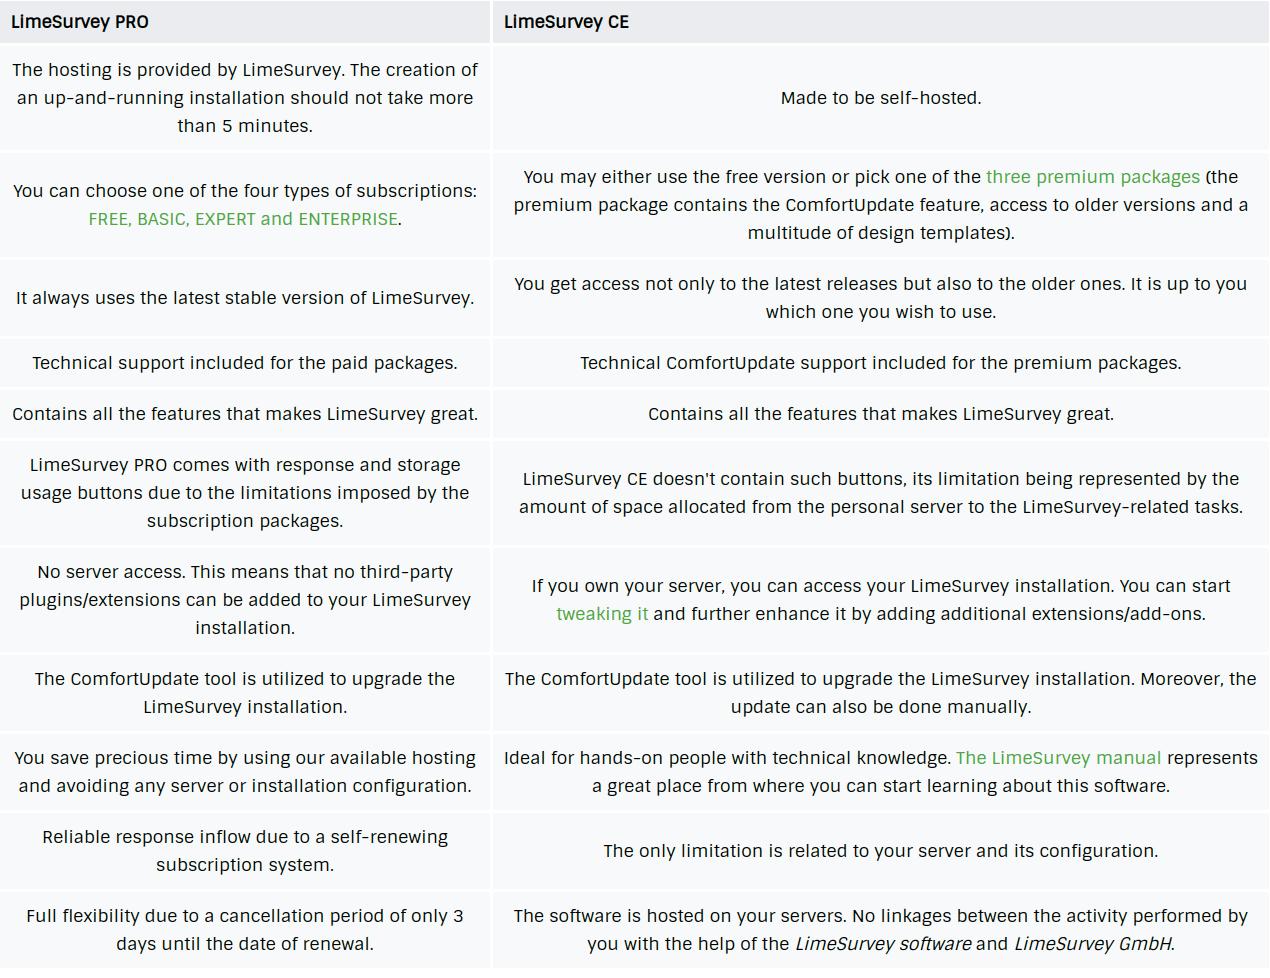 LimeSurvey tool - Pro vs CE